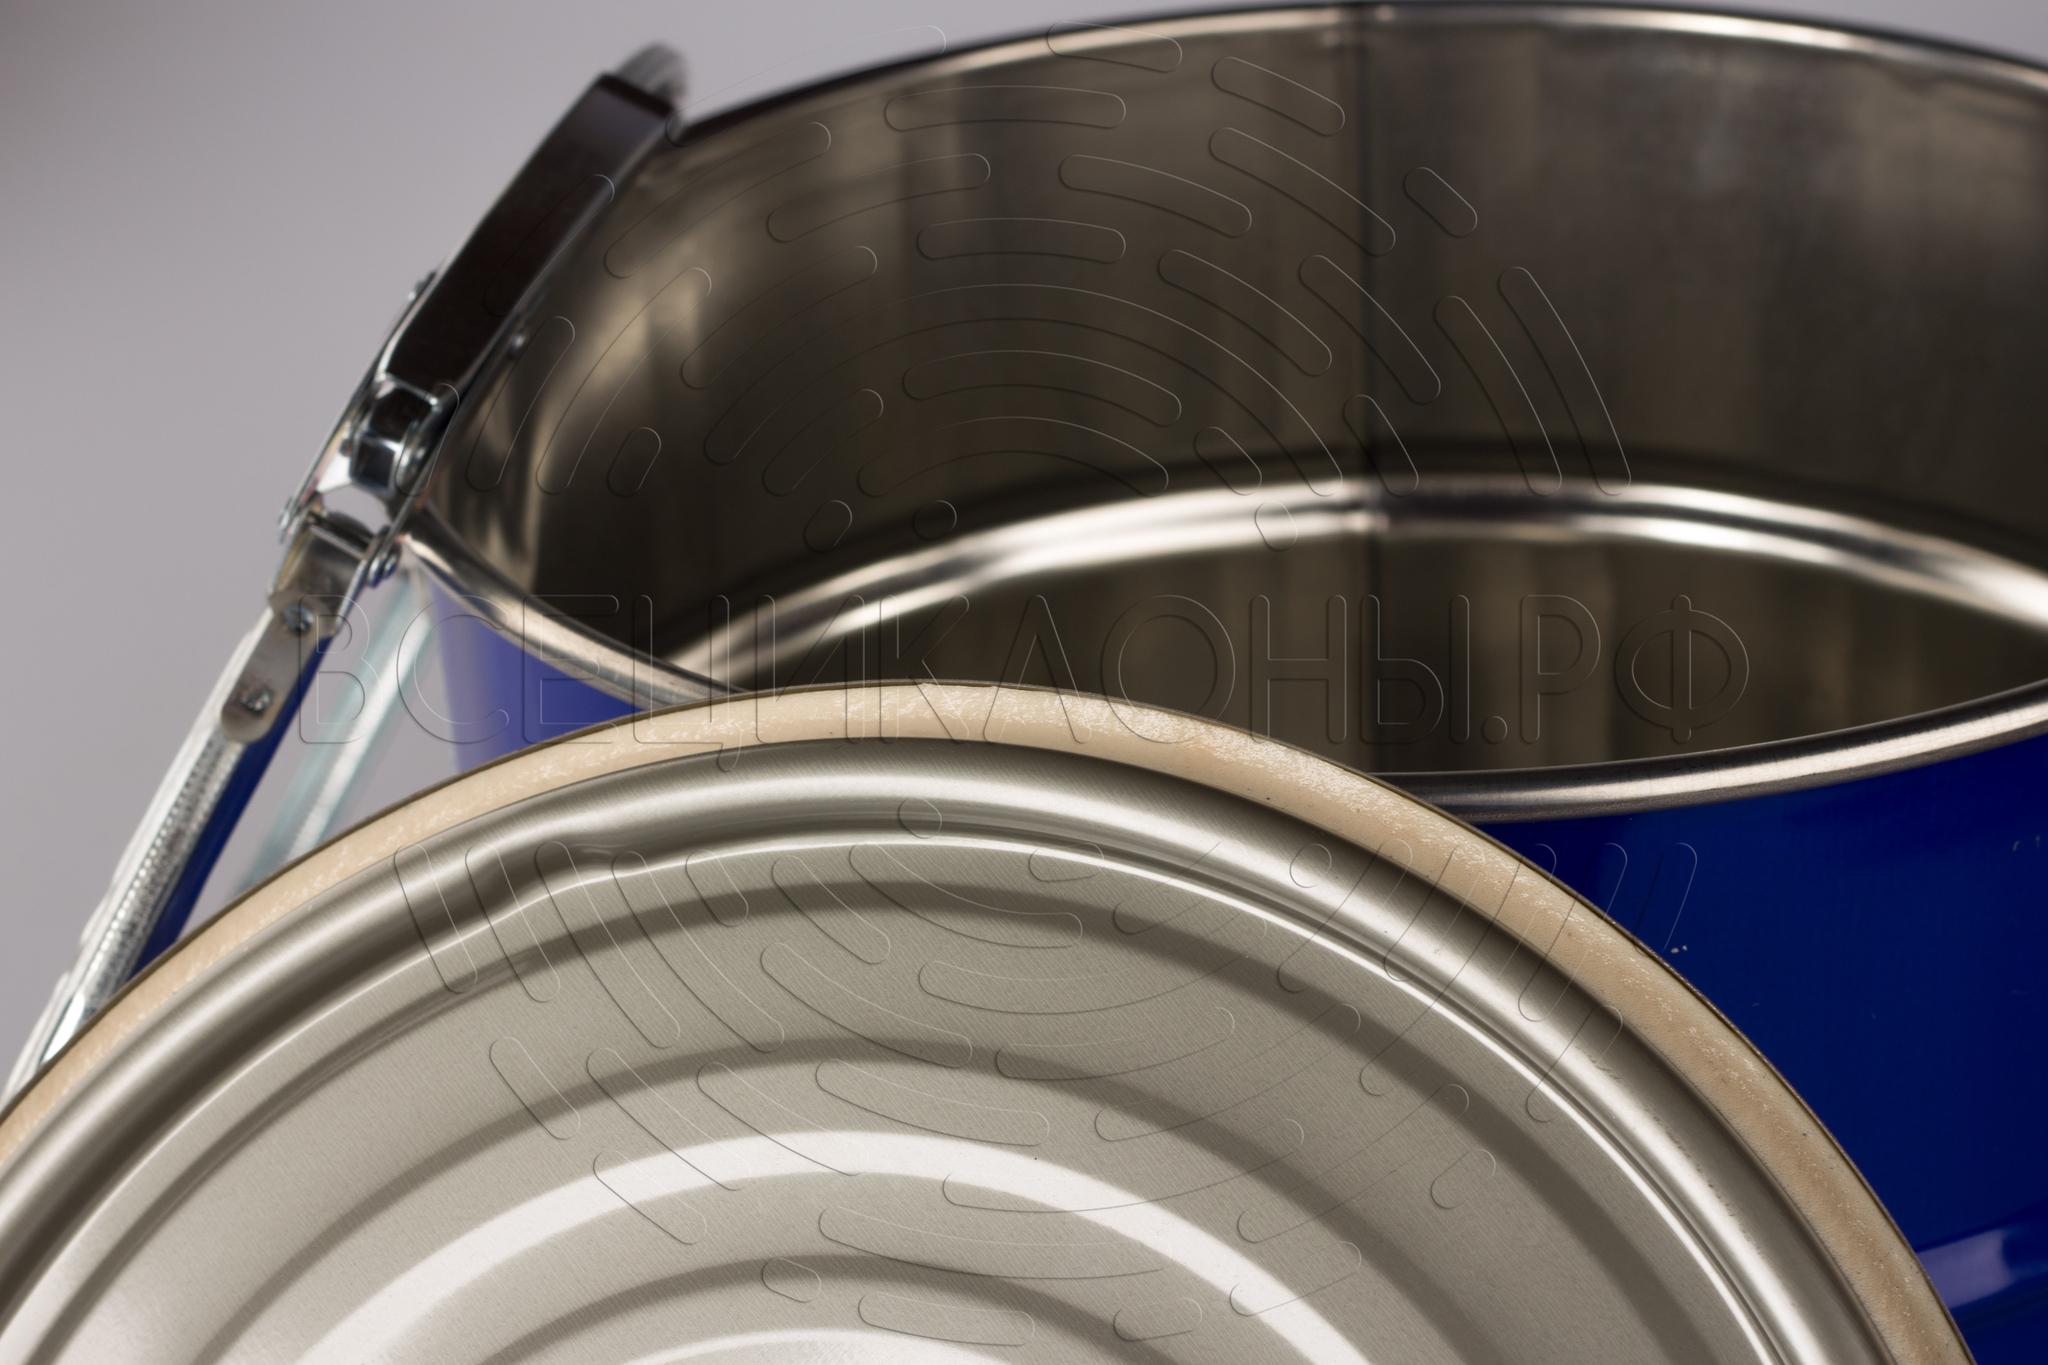 Пылесборник 10л, уплотнитель на внутренней стороне крышки для обеспечения герметичности